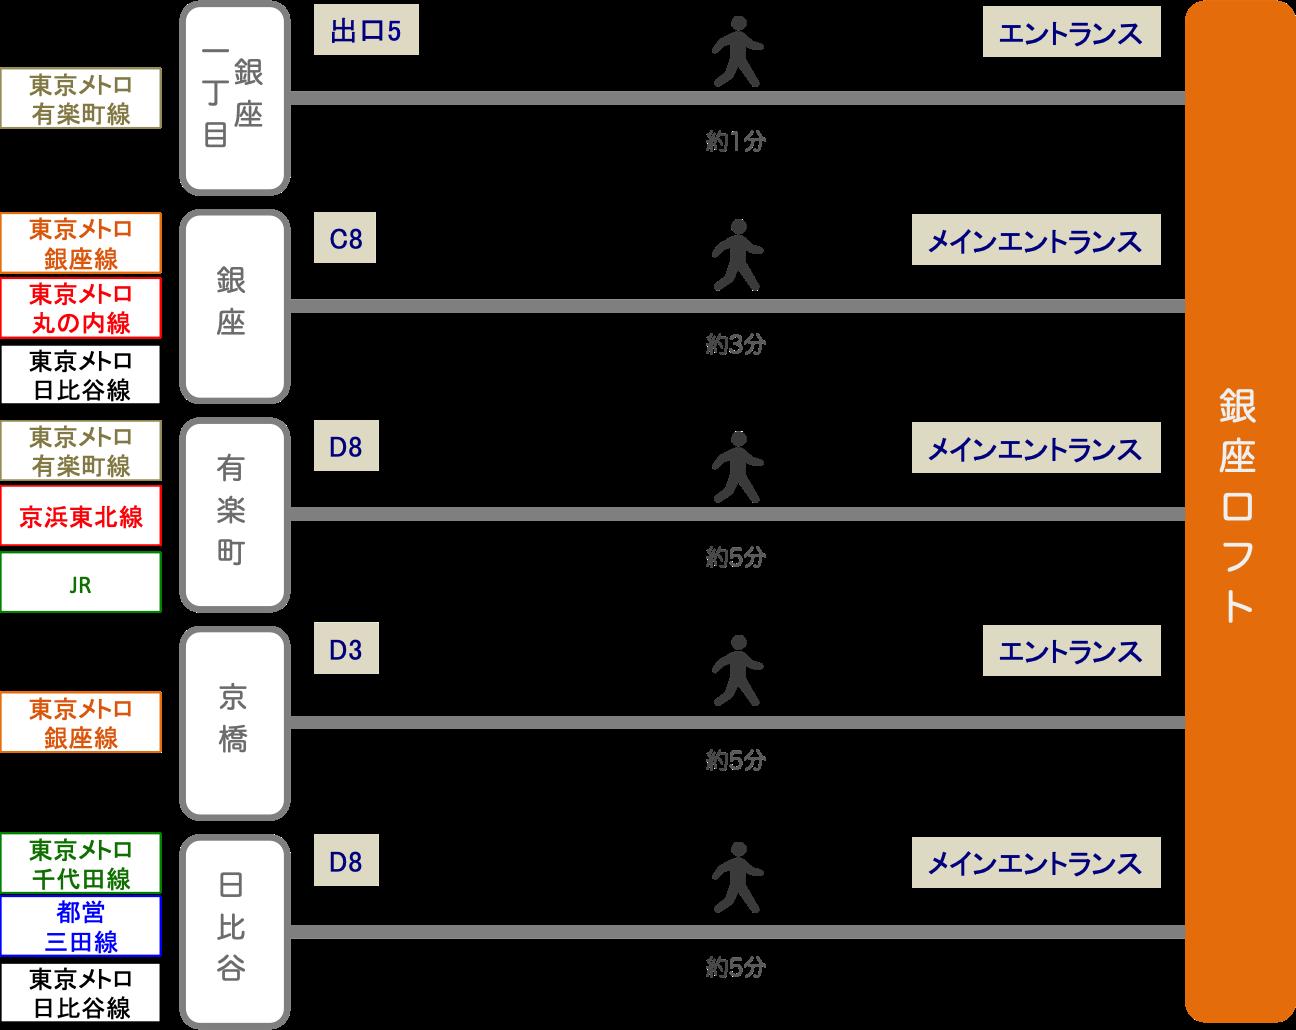 銀座ロフト_最寄り駅